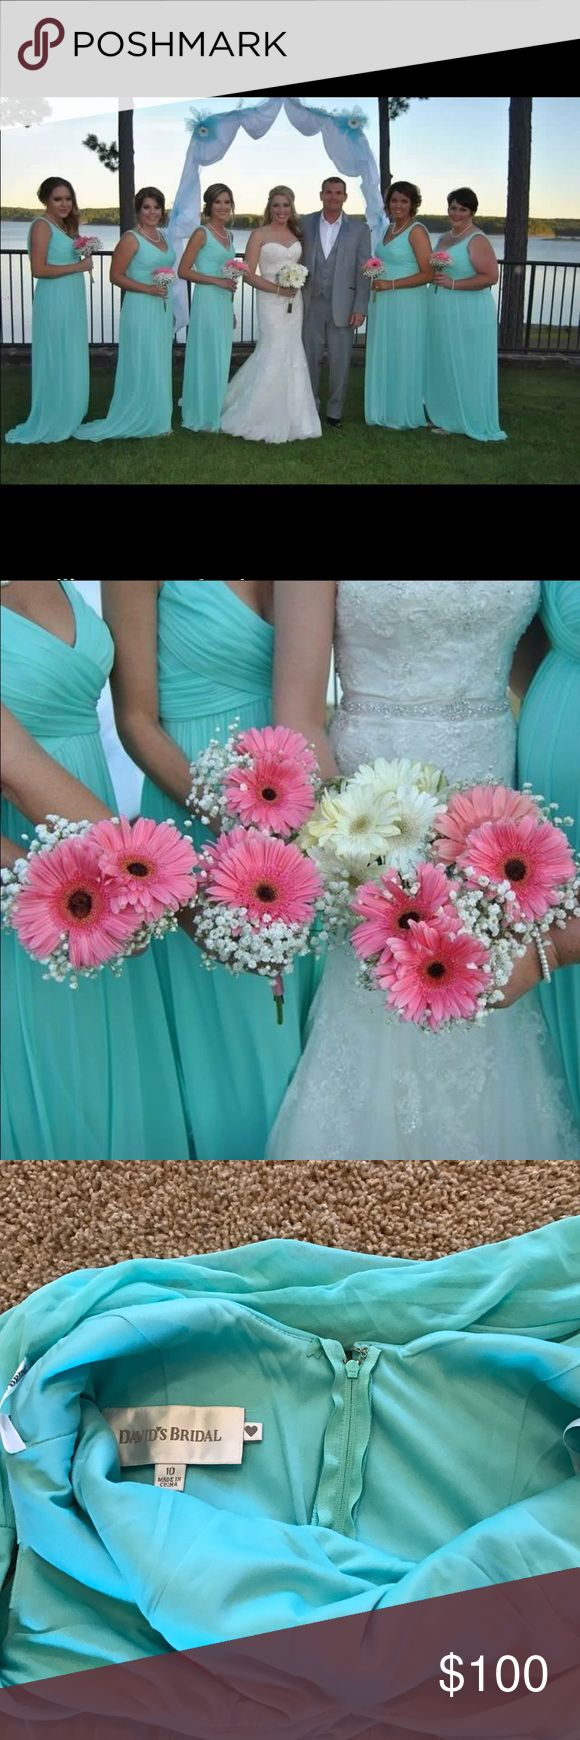 12 best David's Bridal Spa Color images on Pinterest | Spa ...